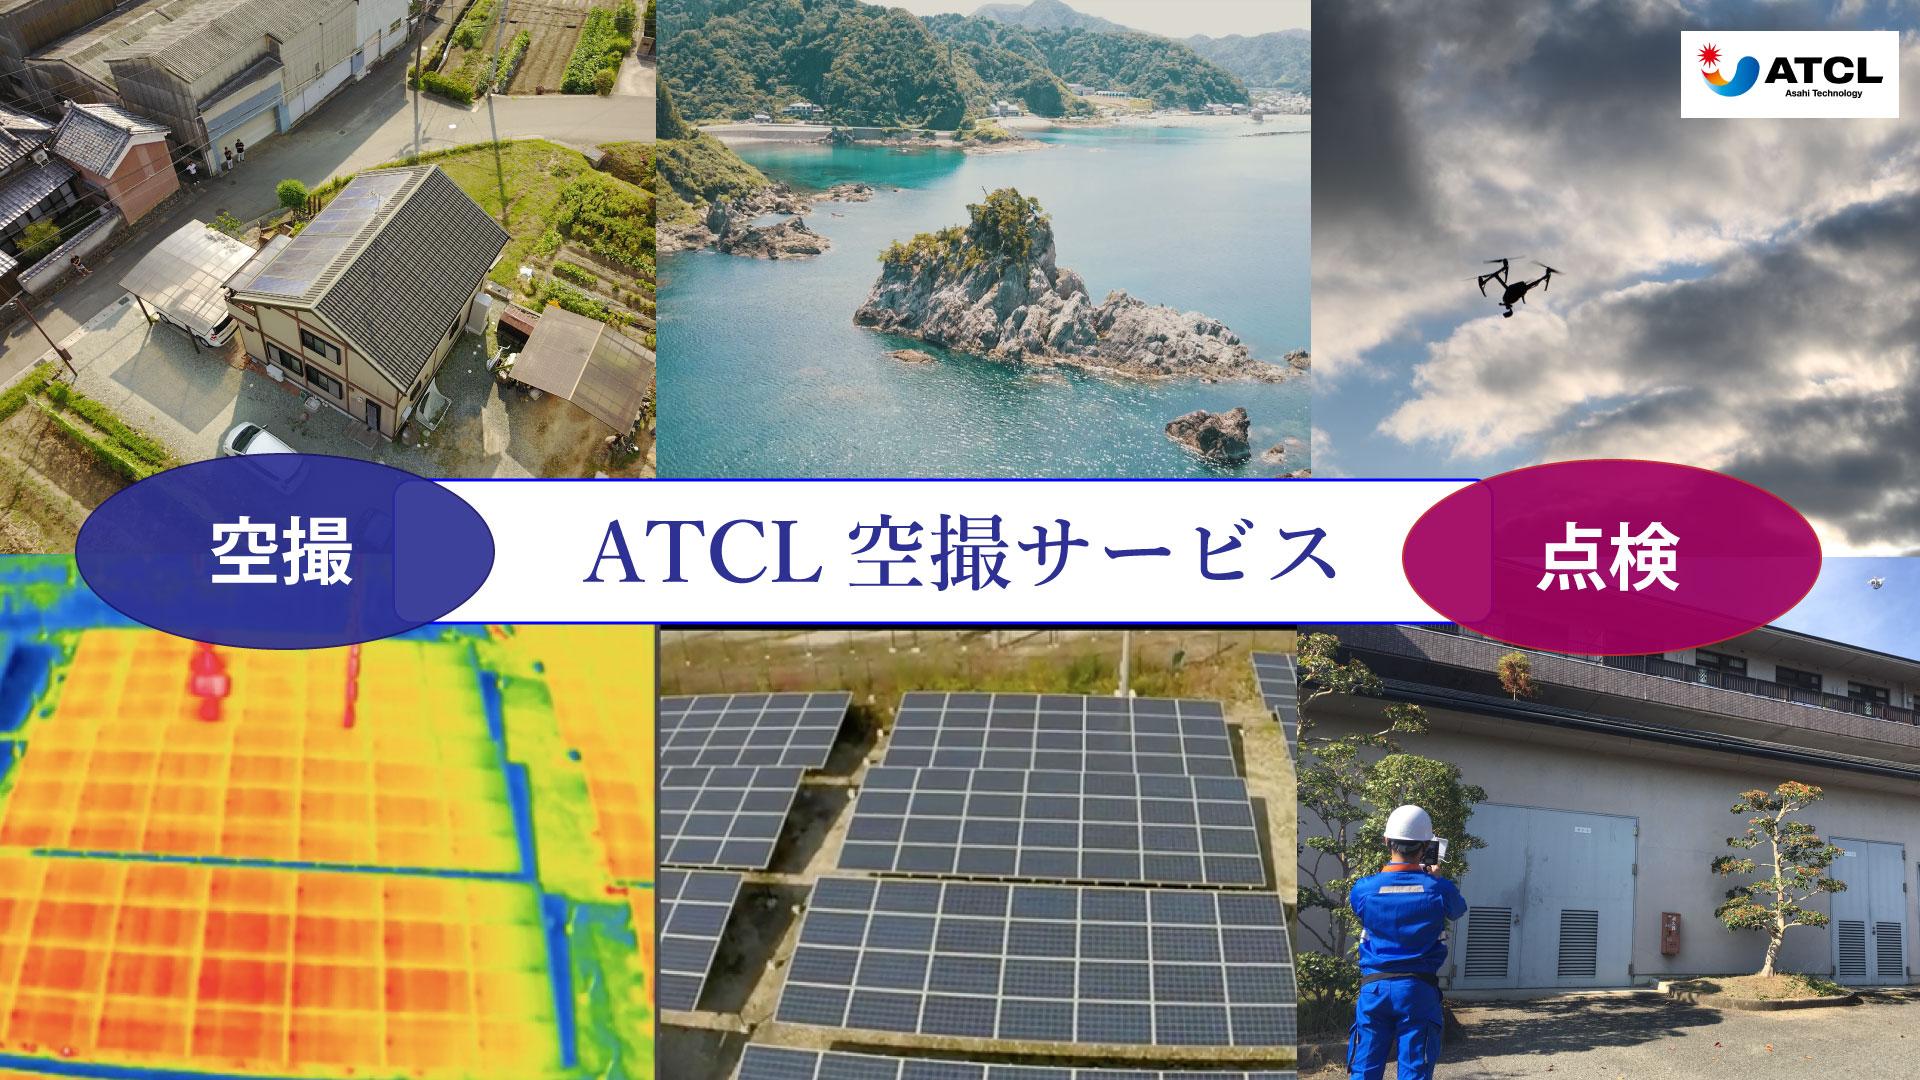 ATCLのドローン空撮サービス